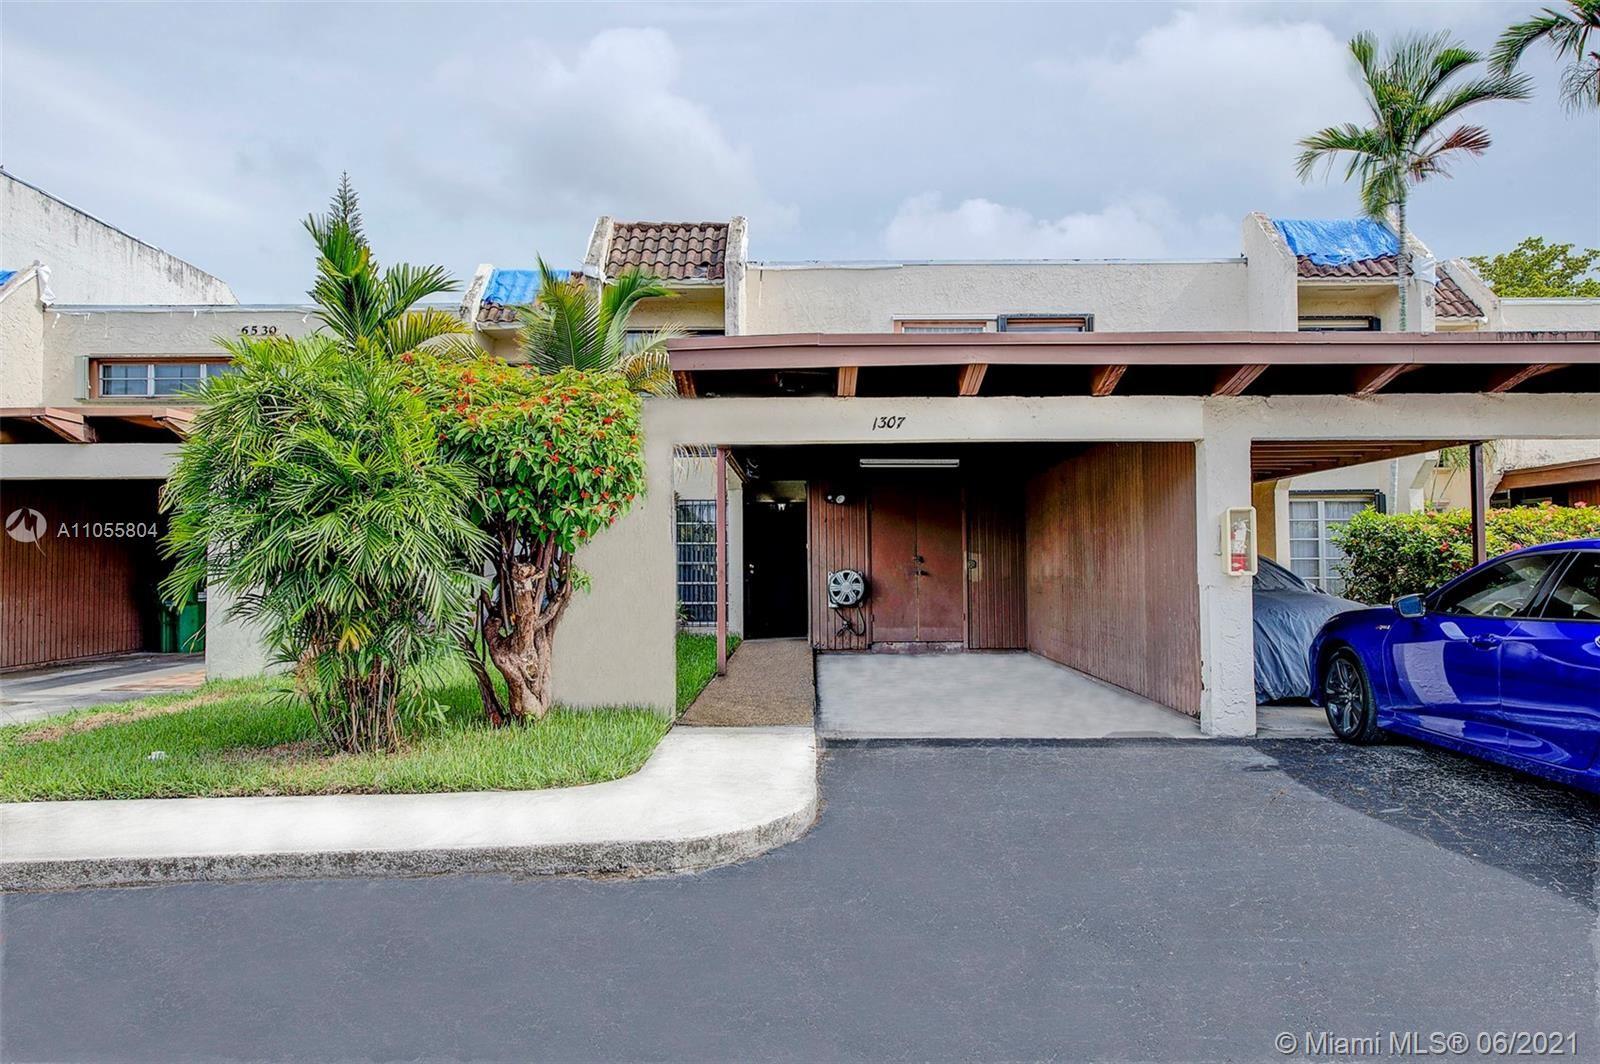 6530 Kendale Lakes Dr #1307, Miami, FL 33183 - #: A11055804